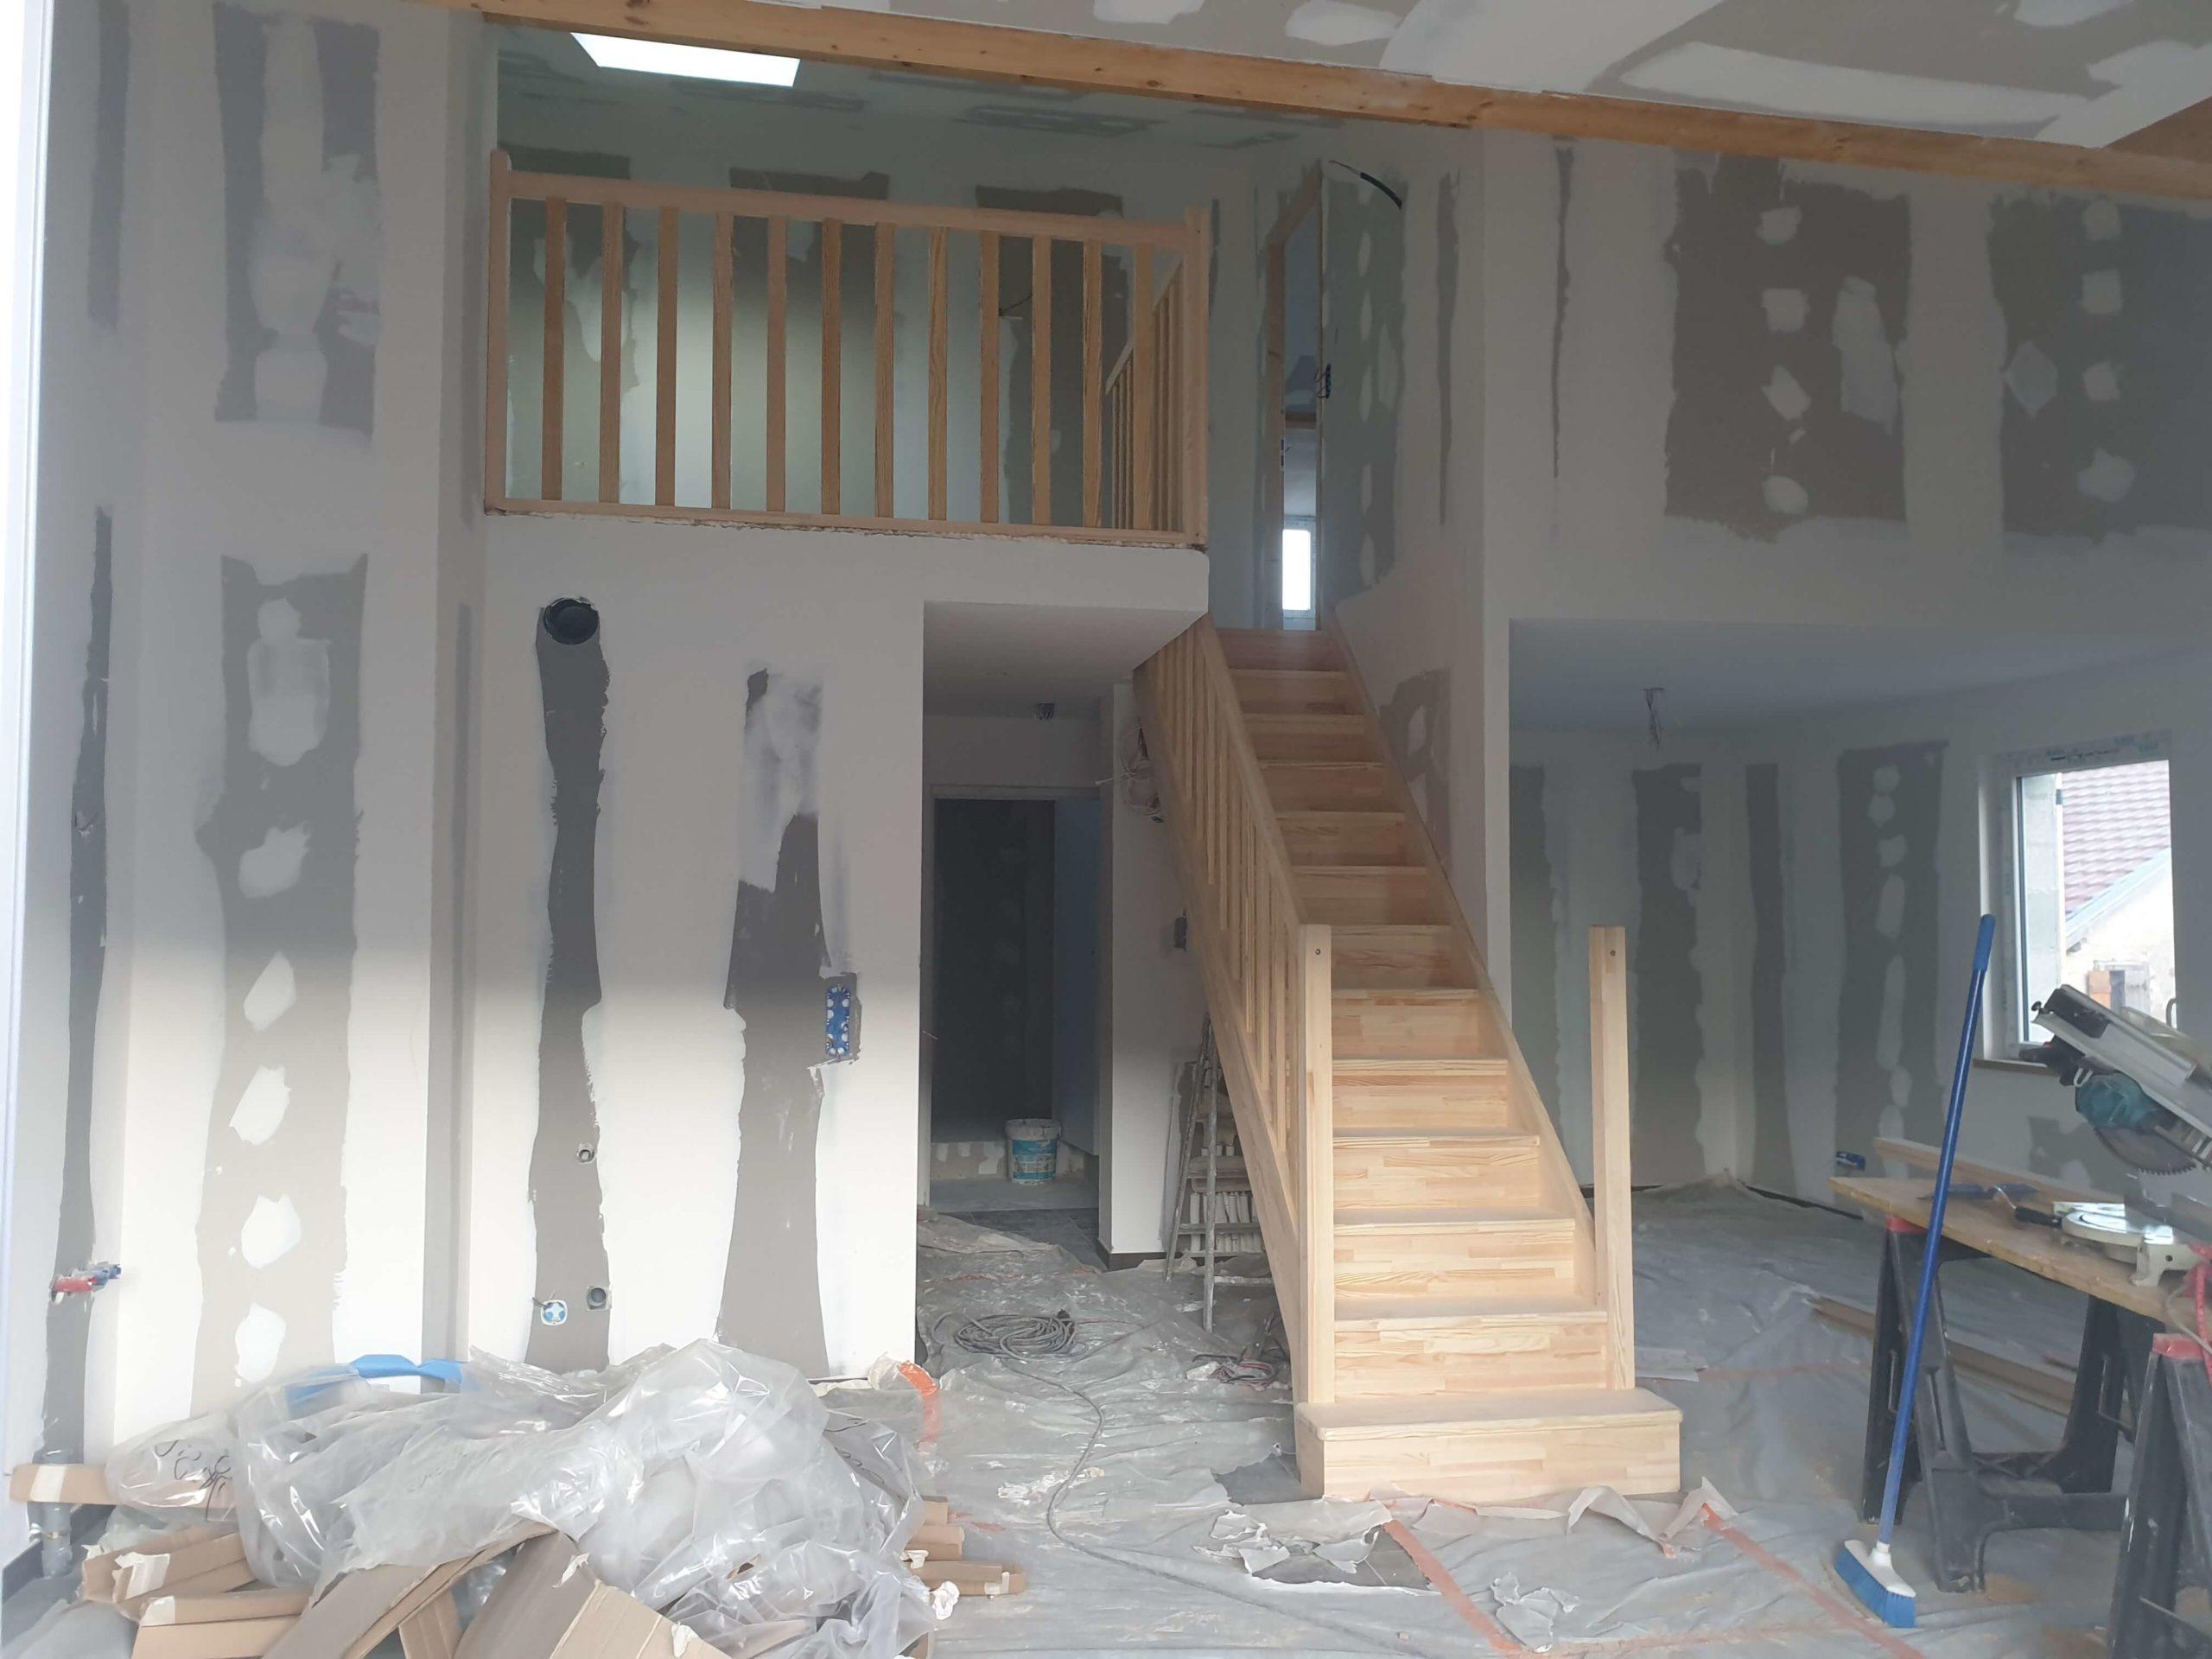 Escaliers et gardes-corps